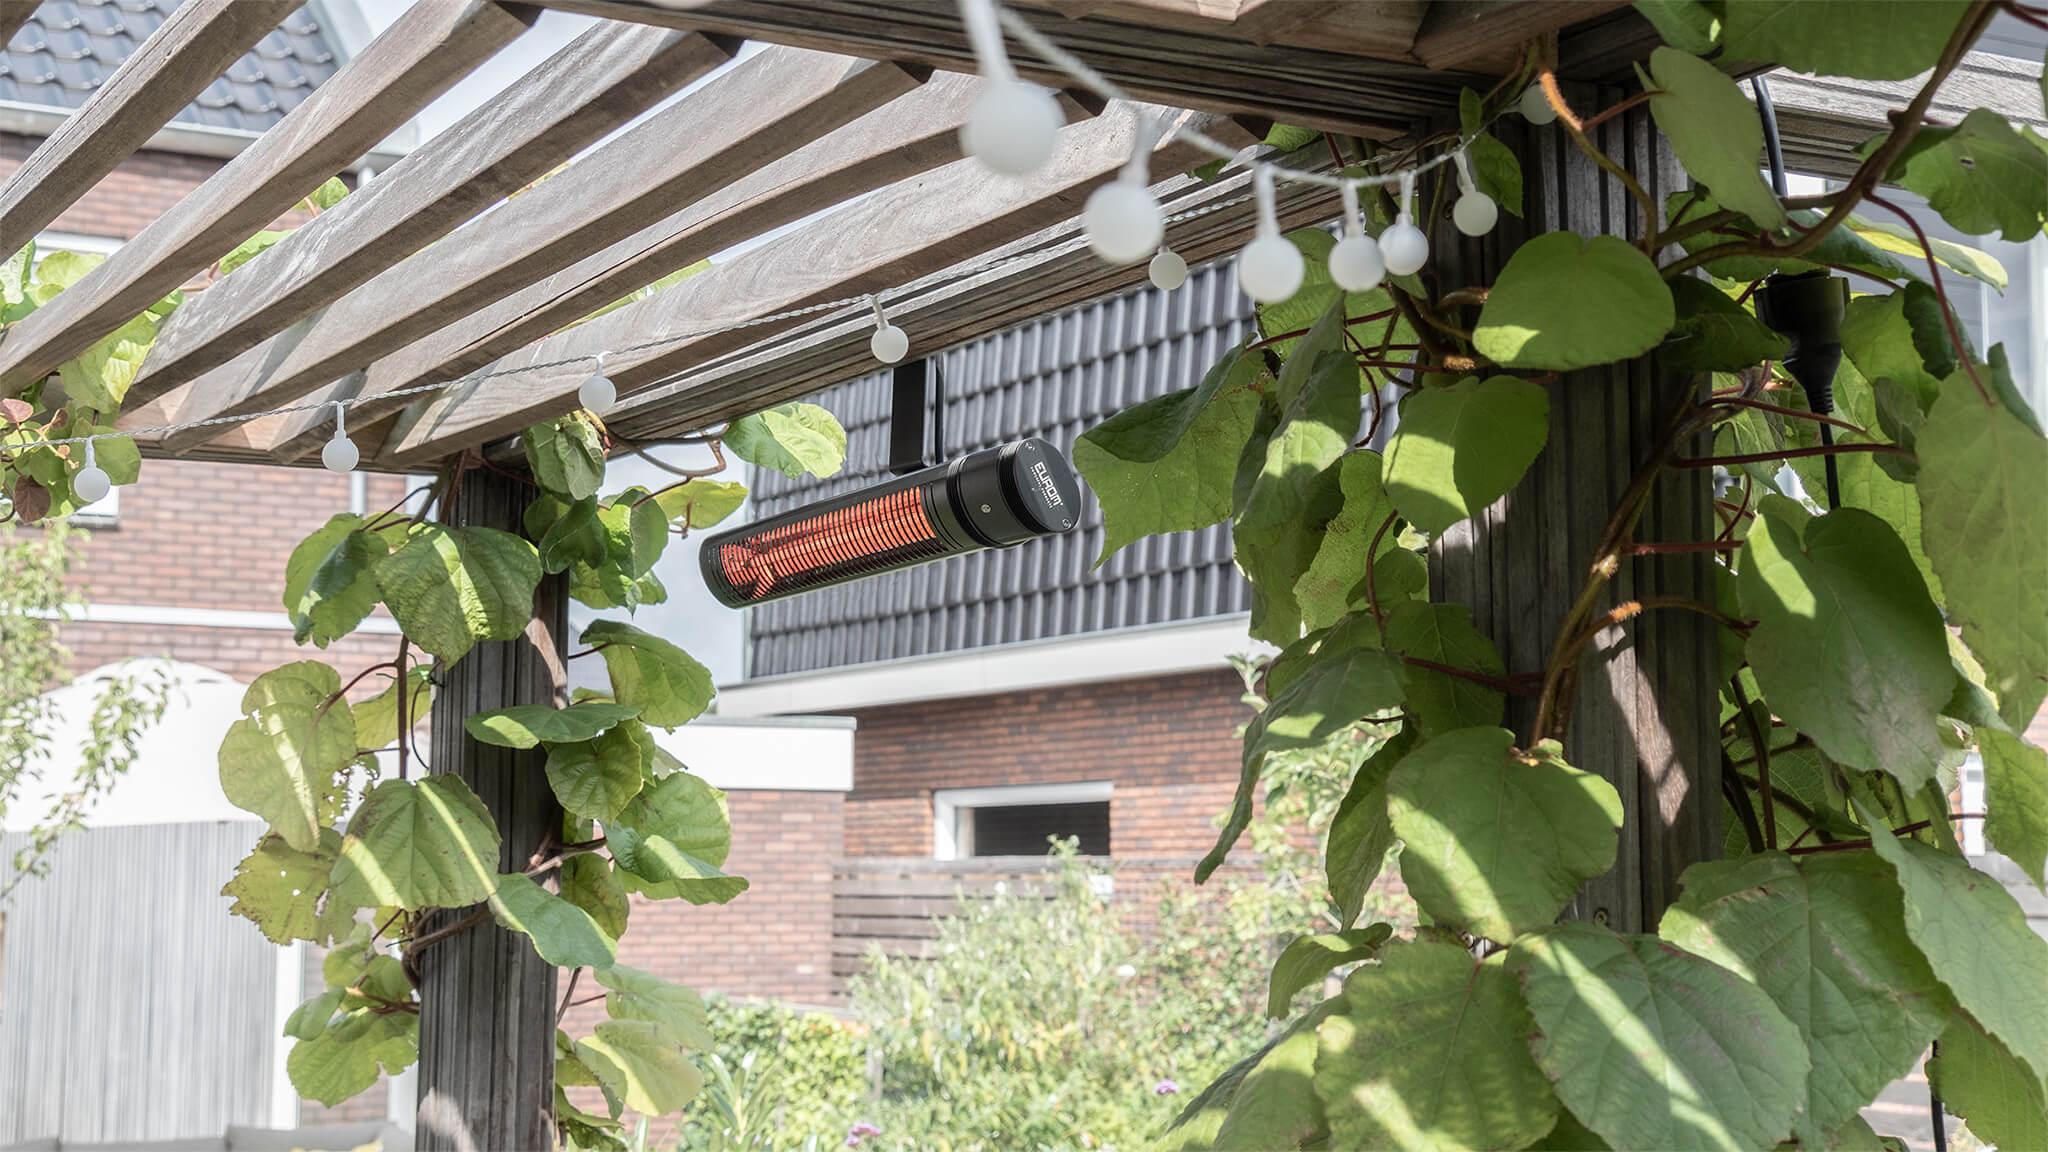 Afbeeldingsresultaat voor eurom elektrische terrasverwarming